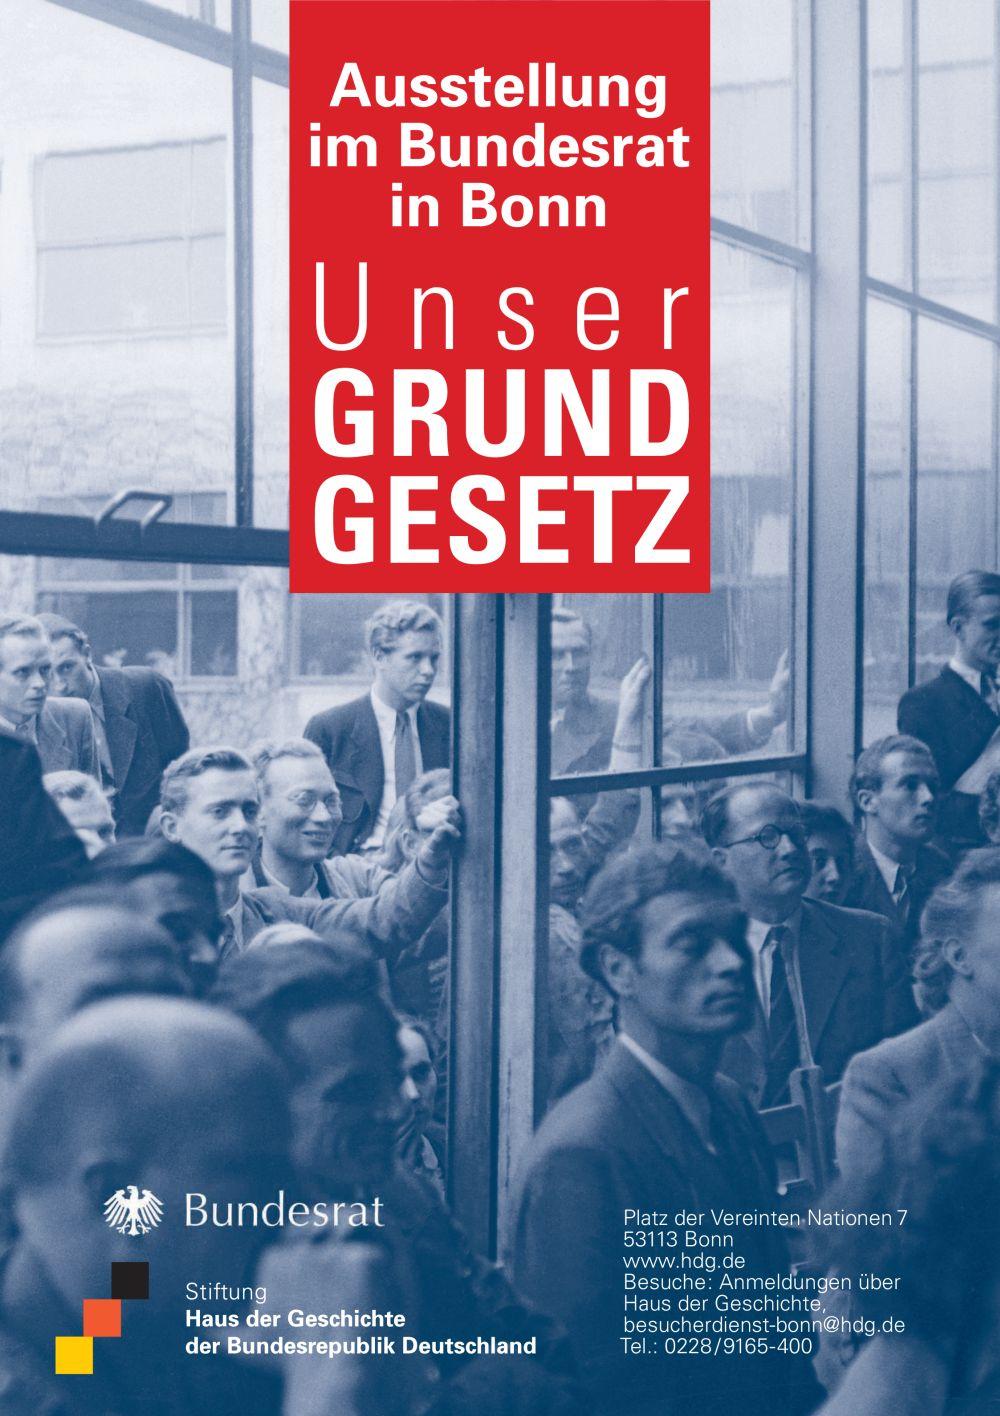 Plakat zur Ausstellung 'Unser Grundgesetz'